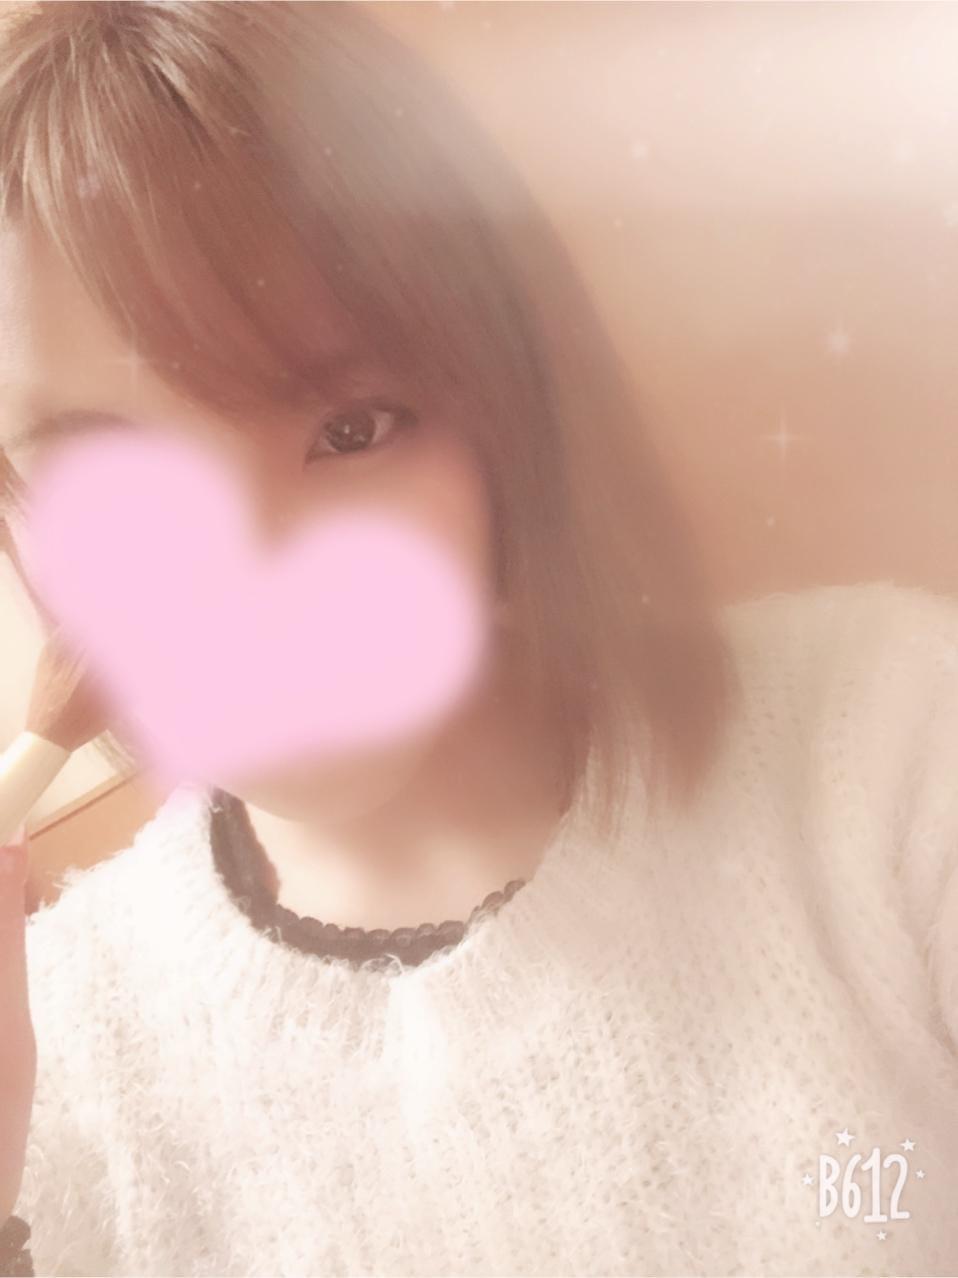 「ありがとうございました!」02/23(土) 06:09 | なつみ(かわいい系)の写メ・風俗動画